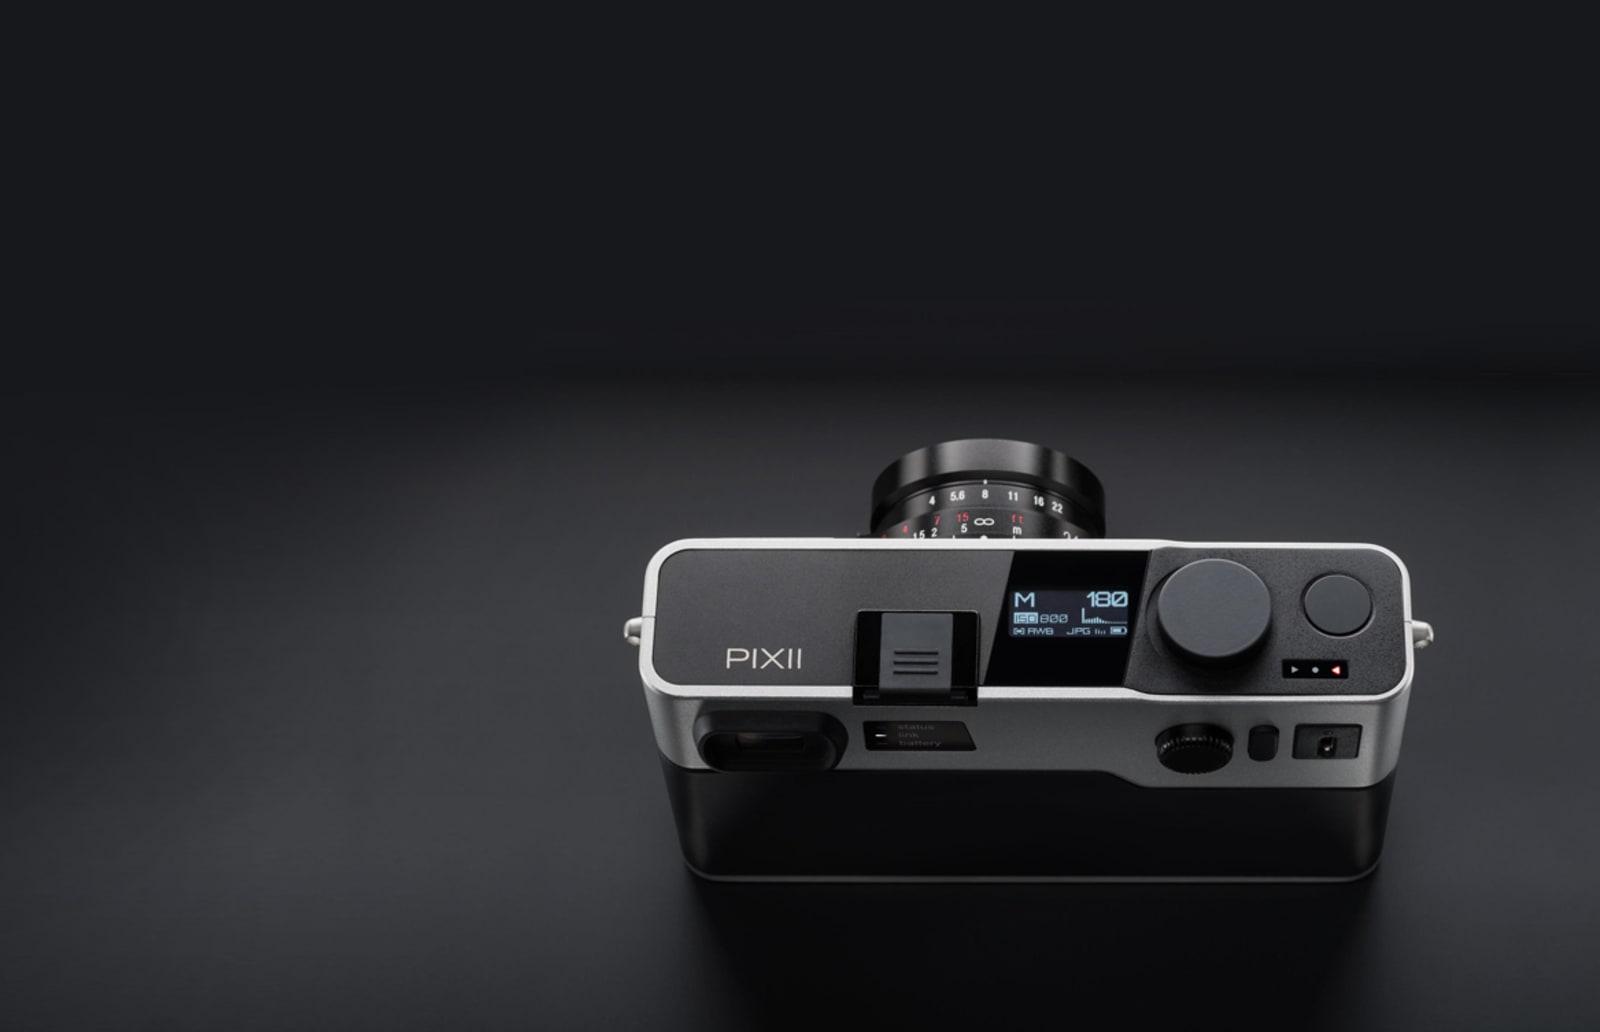 Pixii rangefinder camera